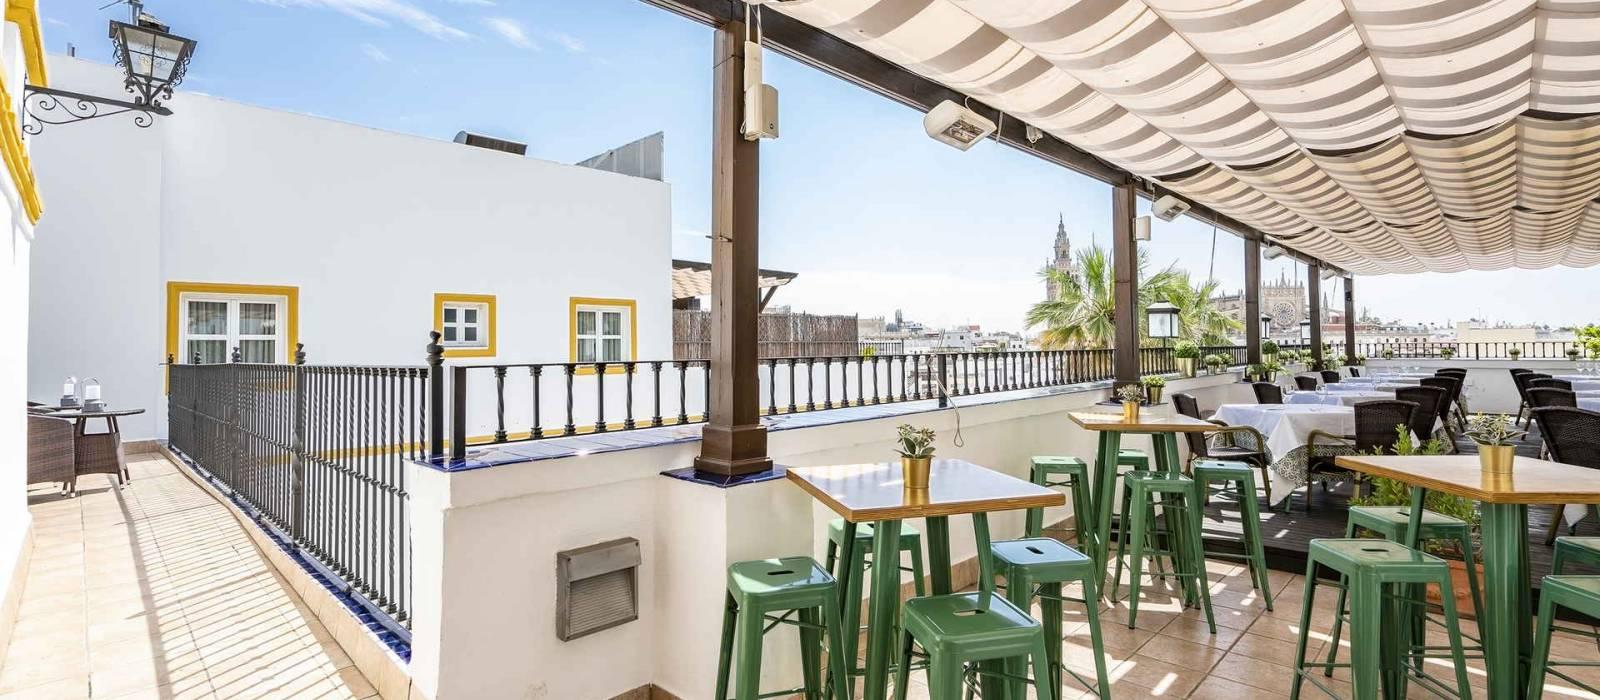 Photos And Videos Hotel Sevilla La R 225 Bida Vincci Hotels